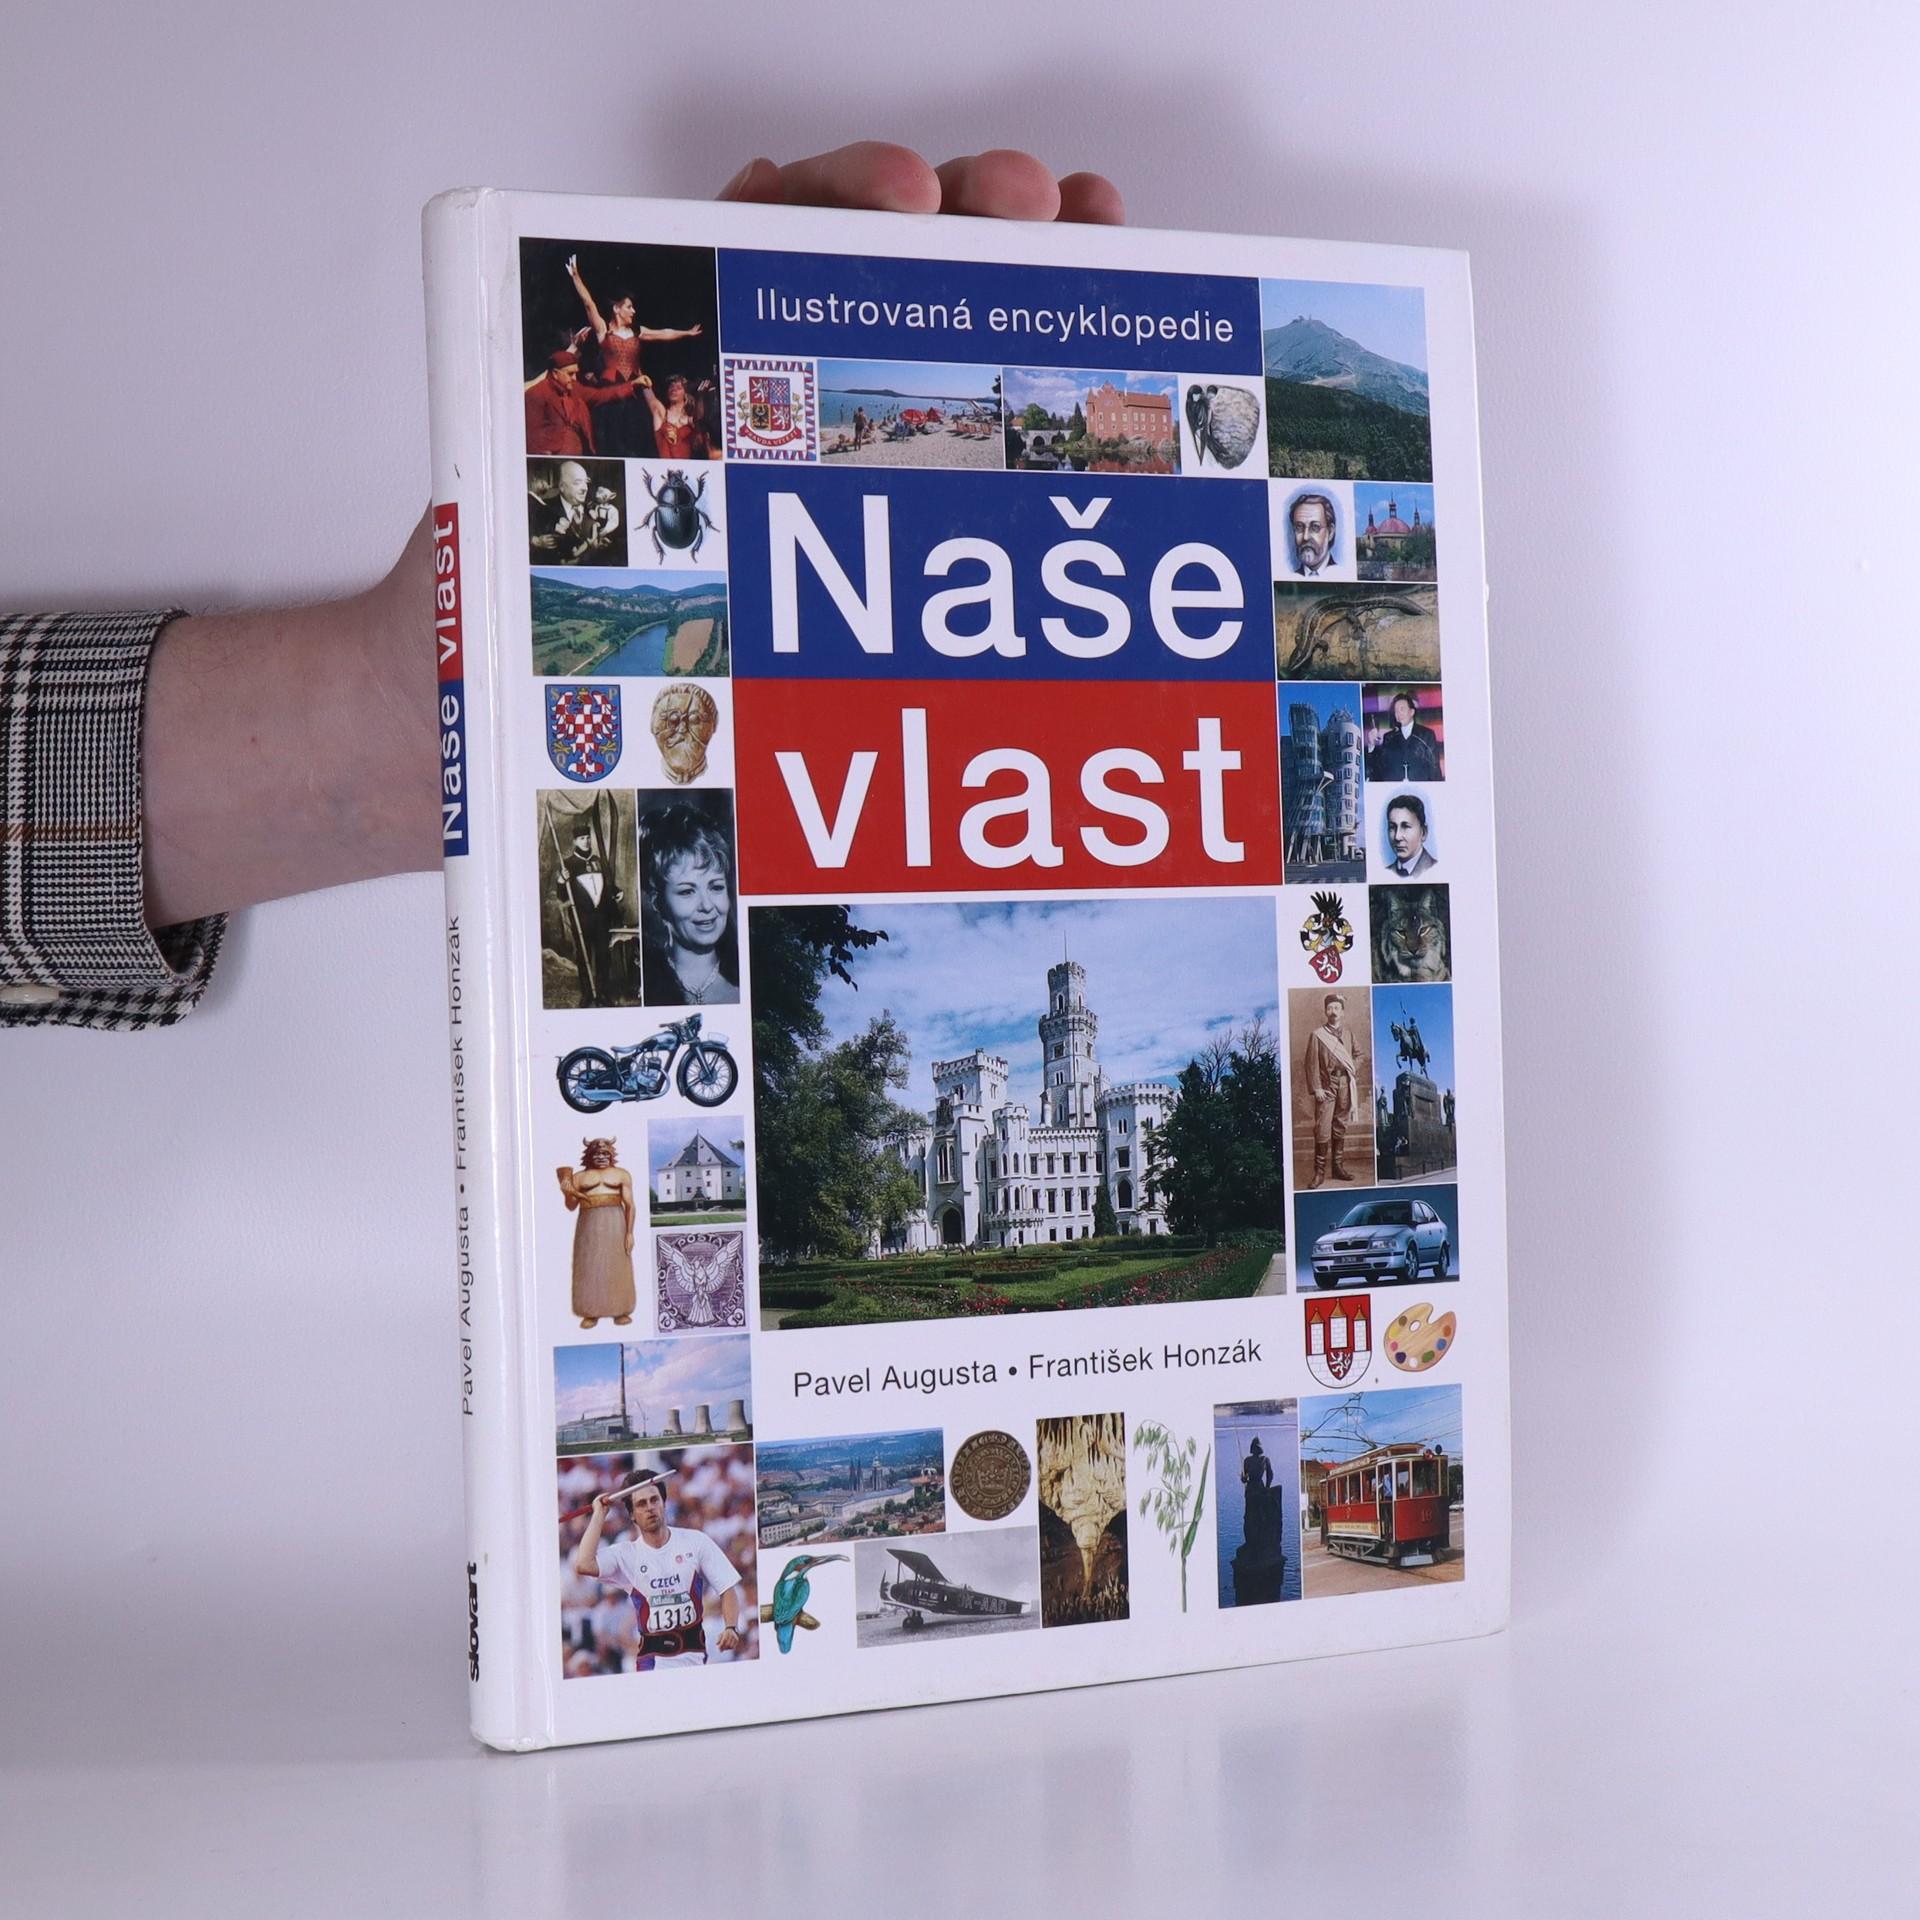 antikvární kniha Naše vlast, 2009